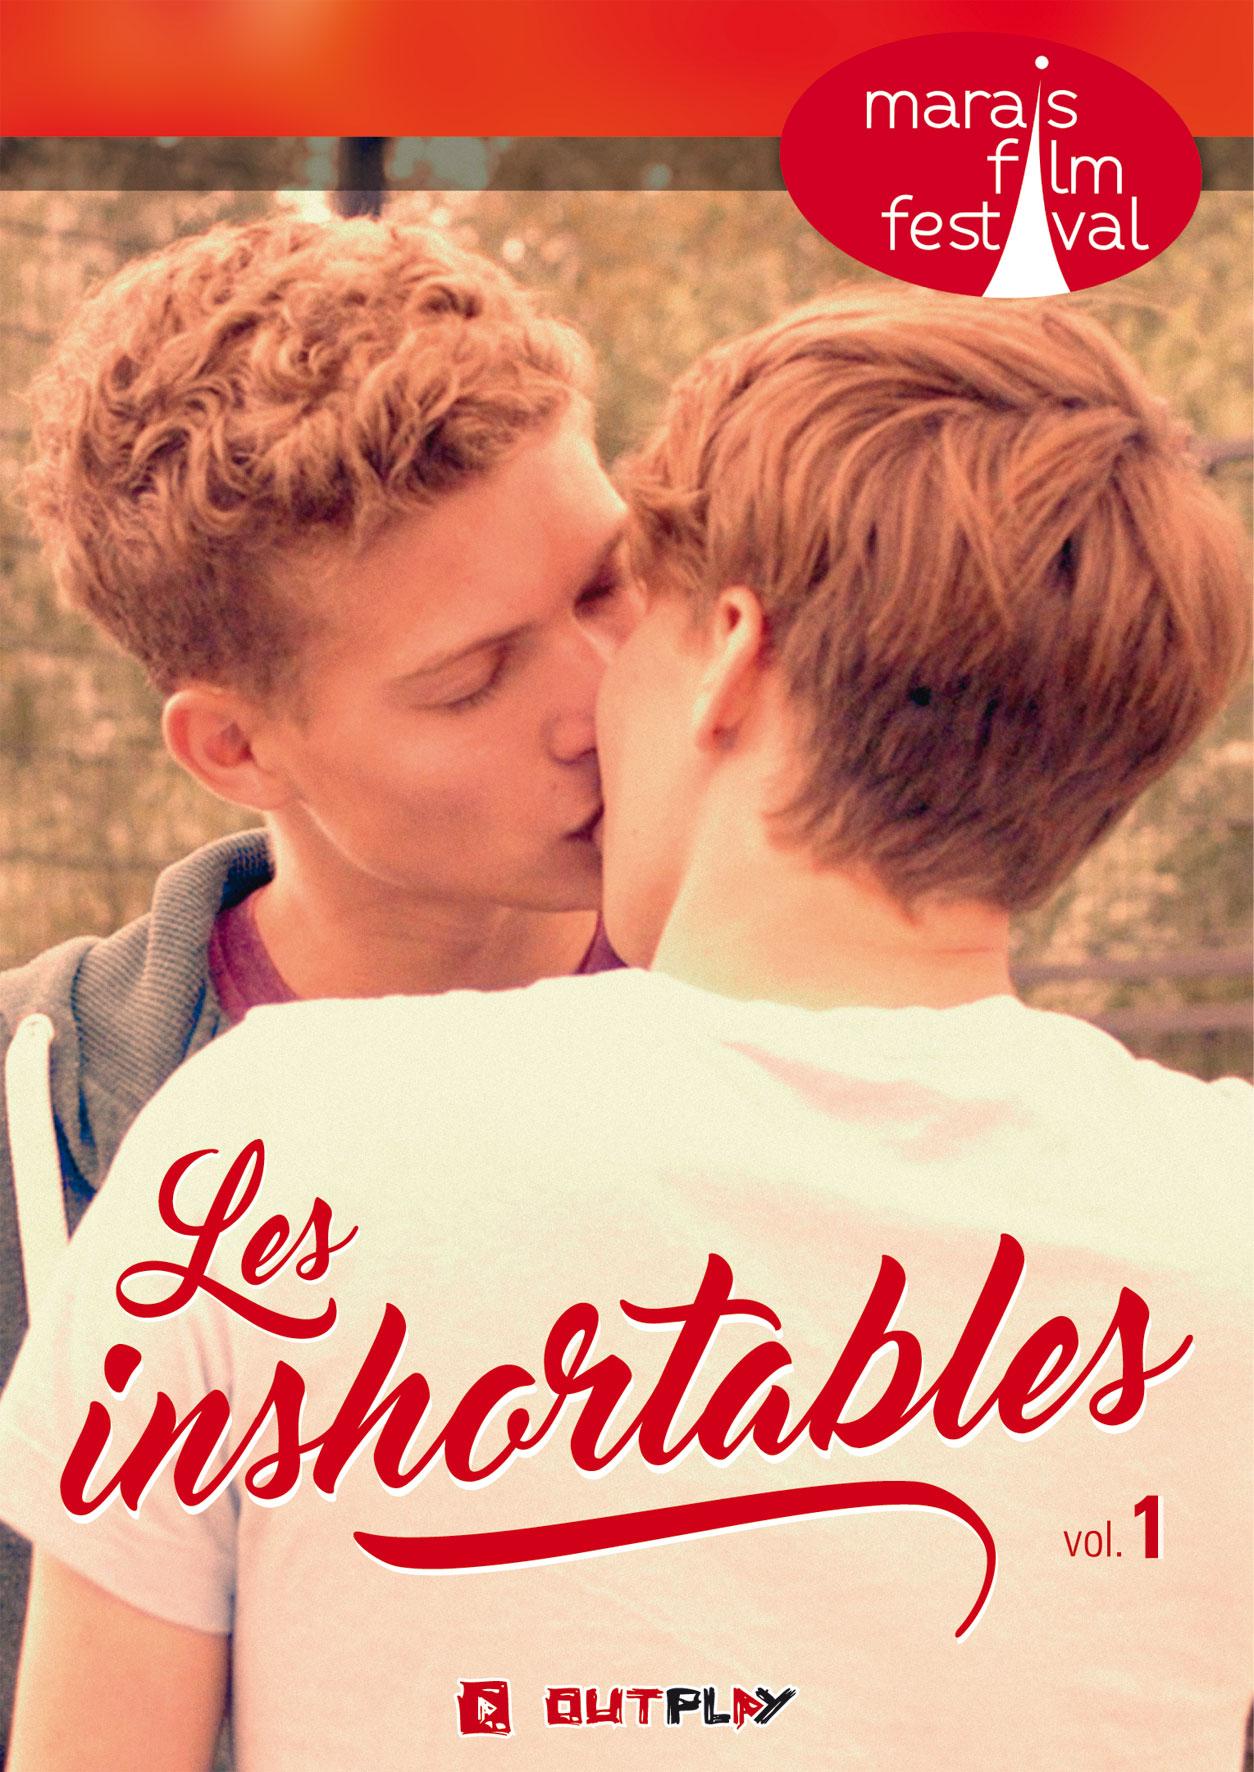 LES INSHORTABLES – Vol.1